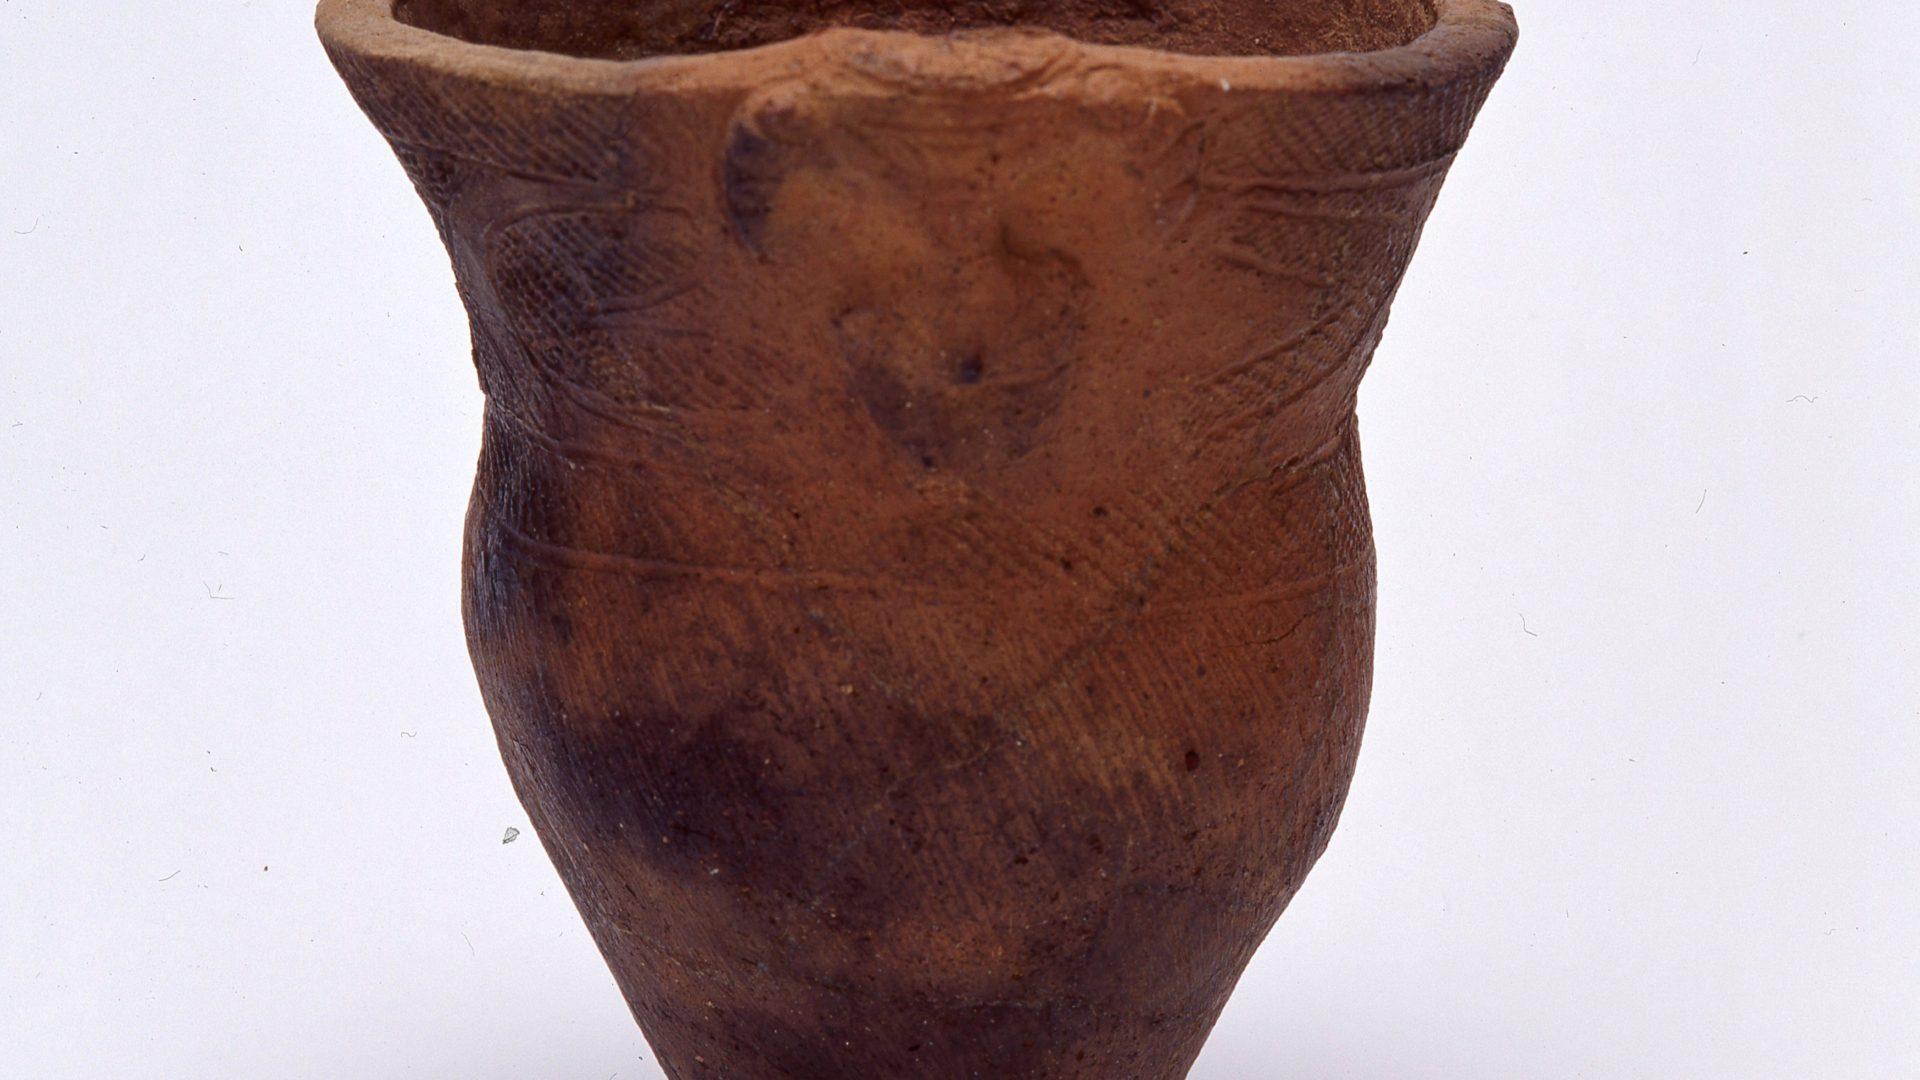 【土器】さいたま市・馬場小室山遺跡出土 土偶装飾土器